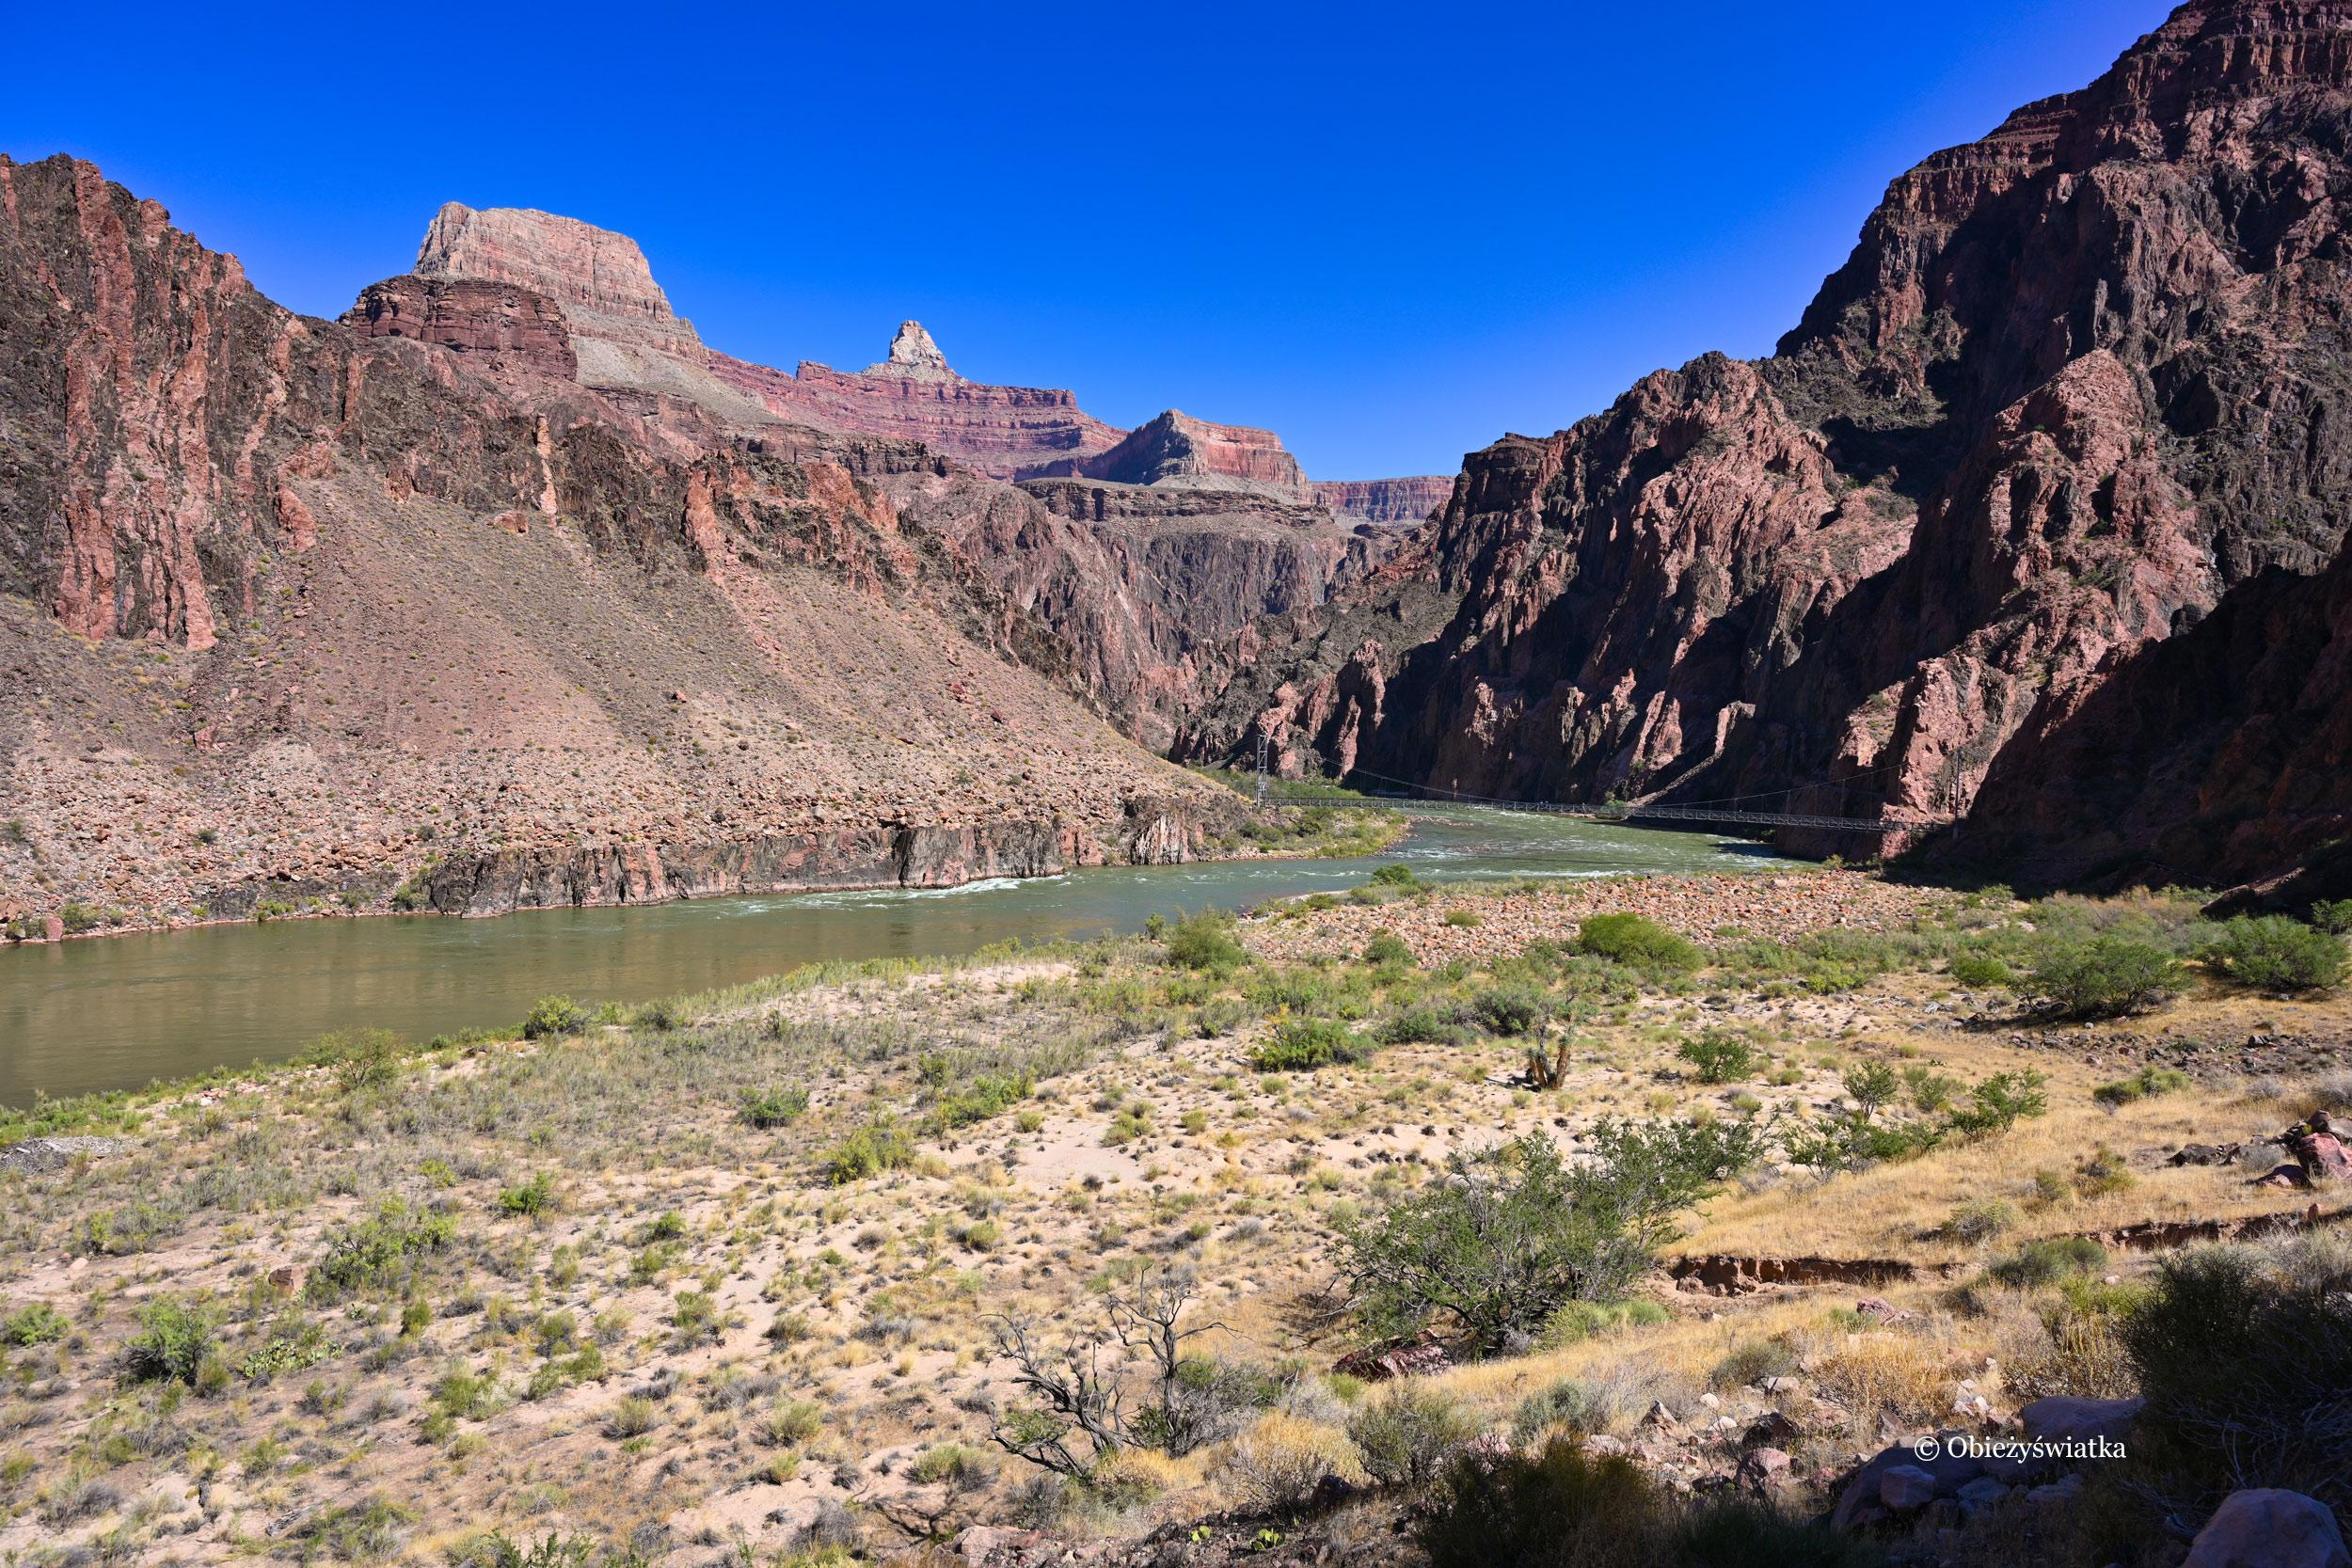 Rzeka Kolorado na dnie Wielkiego Kanionu - Colorado River in the Grand Canyon, Arizona